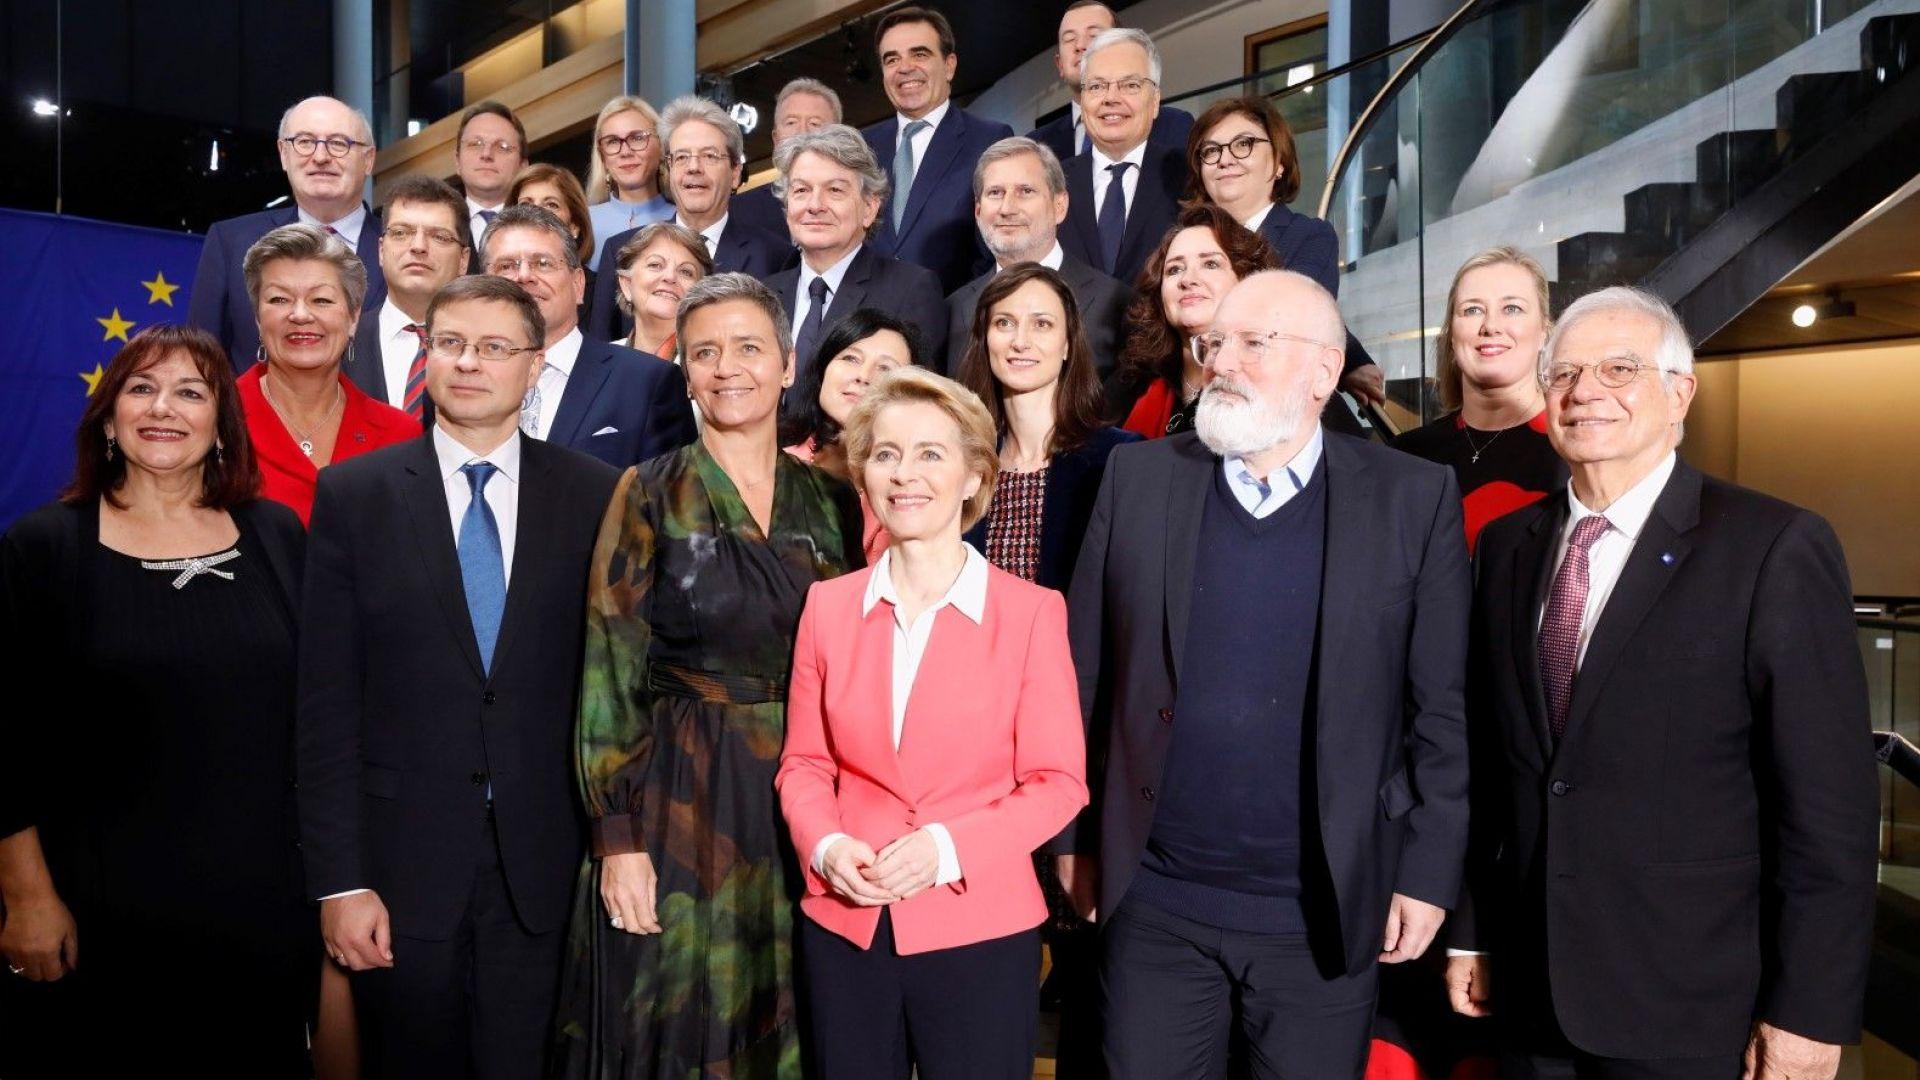 Фон дер Лайен към новата Еврокомисия: Да се захващаме с работа!